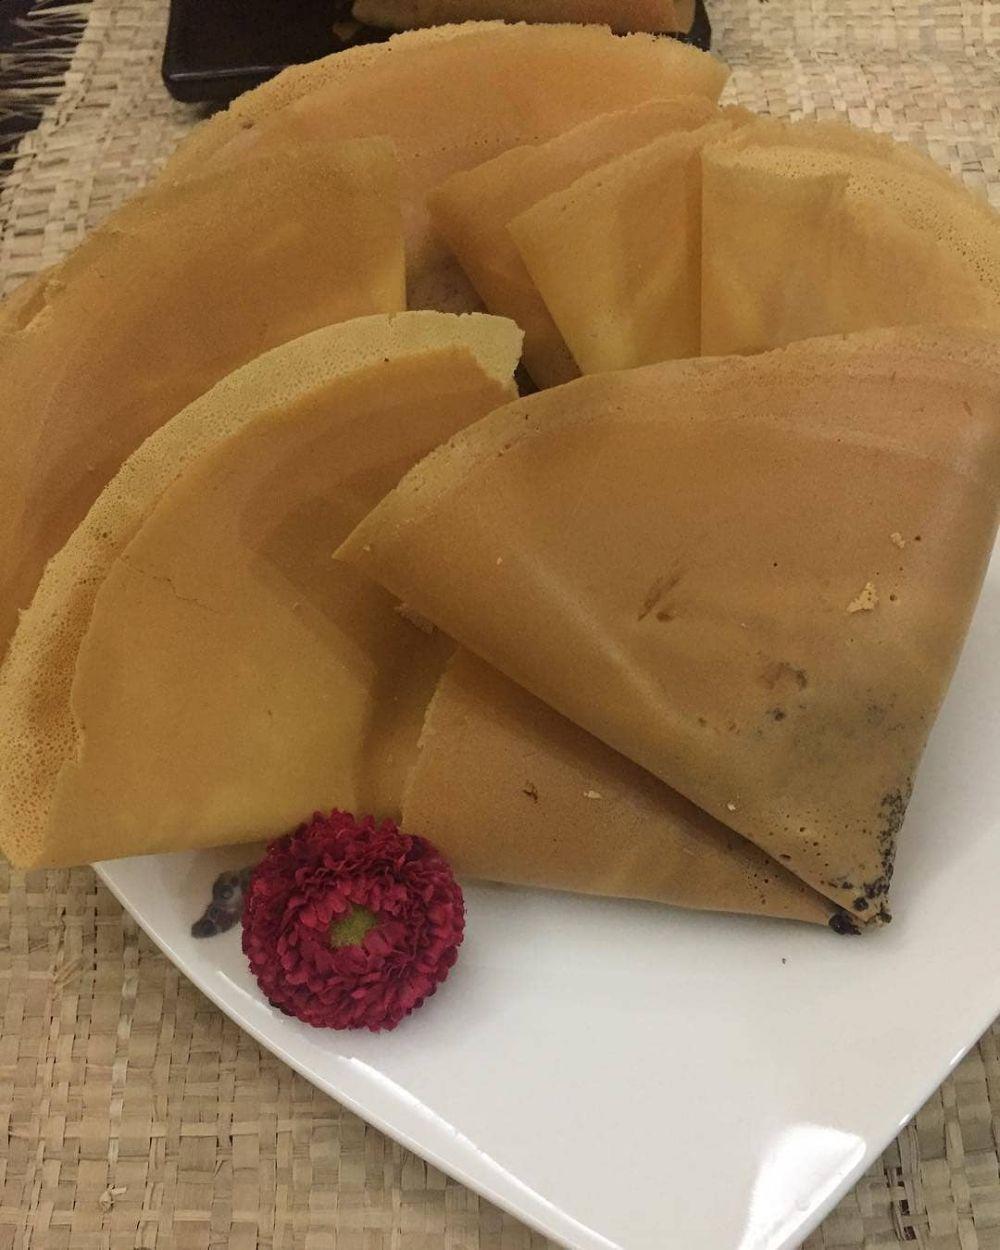 1114565 1000xauto 11 cara membuat crepes enak mudah dibuat dan anti gagal Resep Indonesia CaraBiasa.com